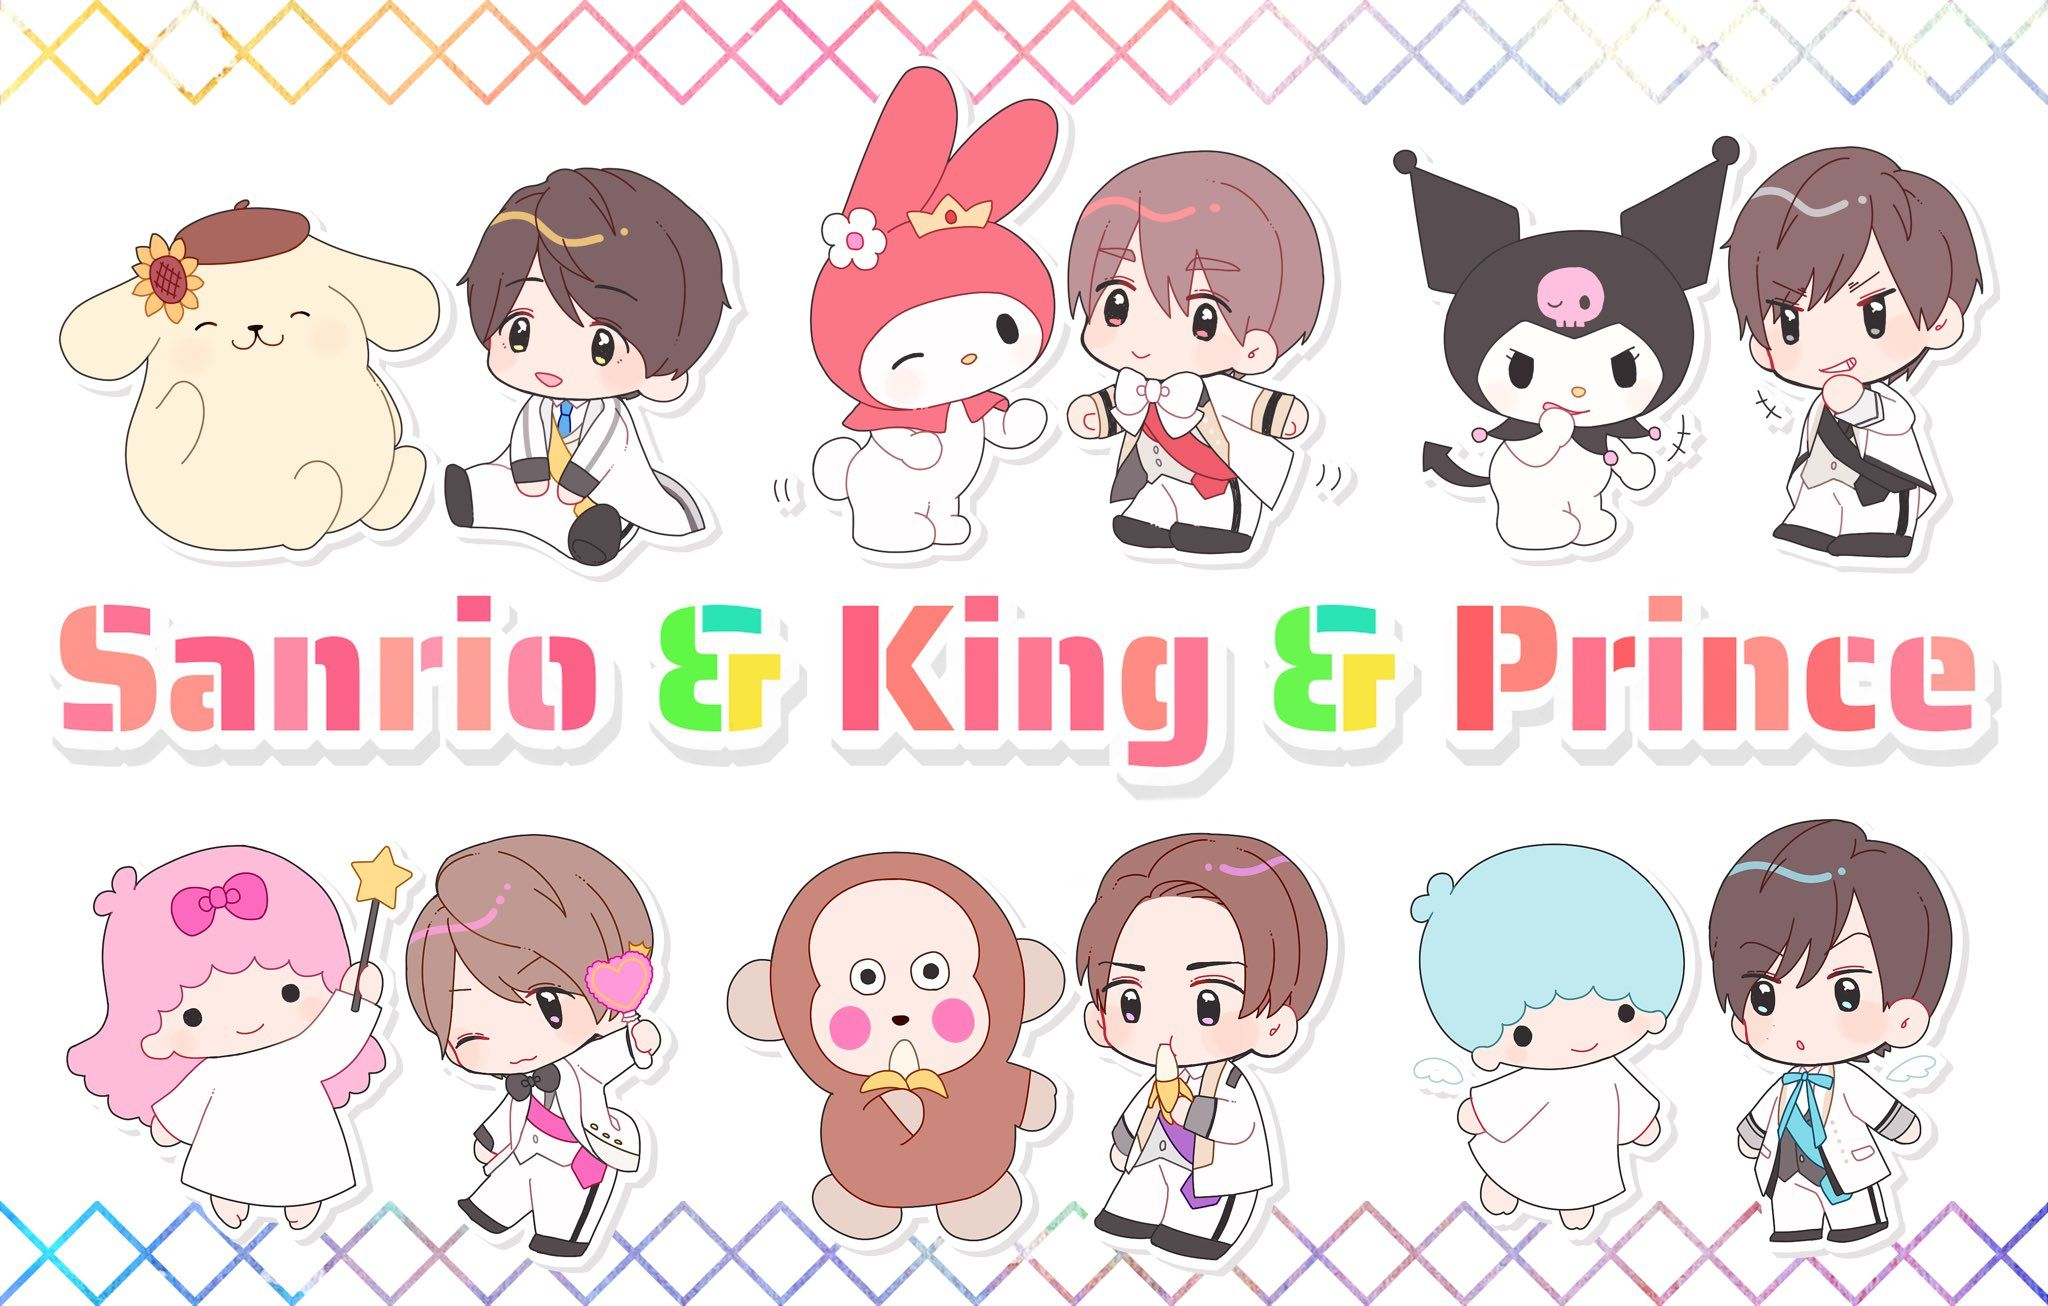 & ツイッター king prince